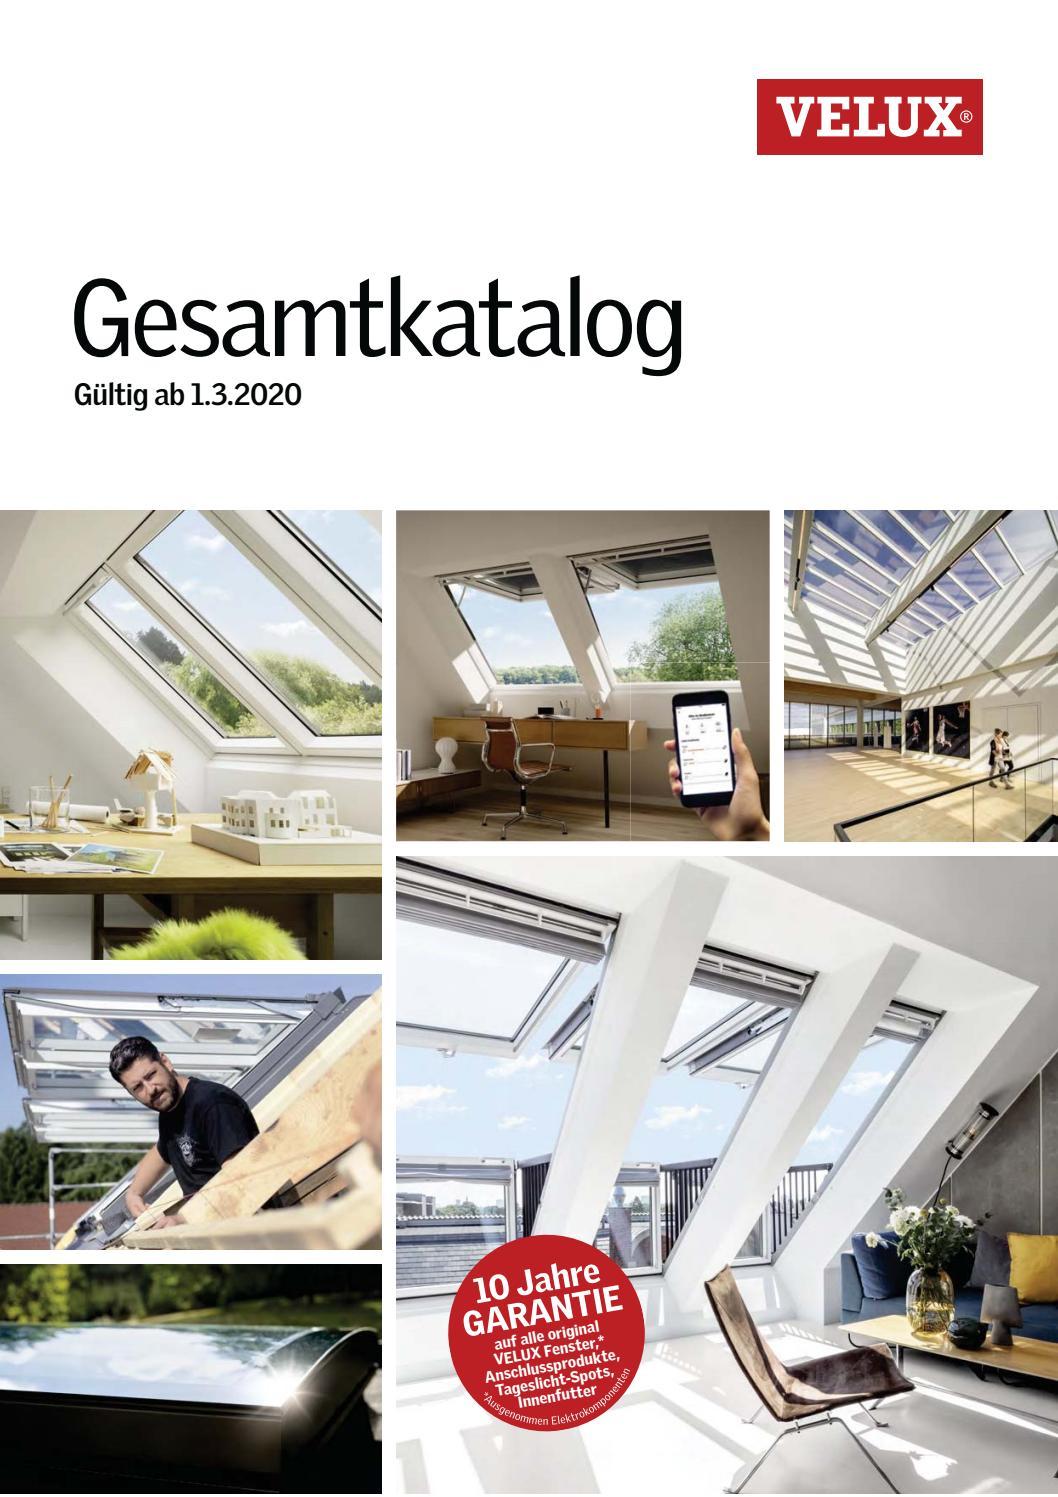 velux gesamtkatalog 2020 by holzland